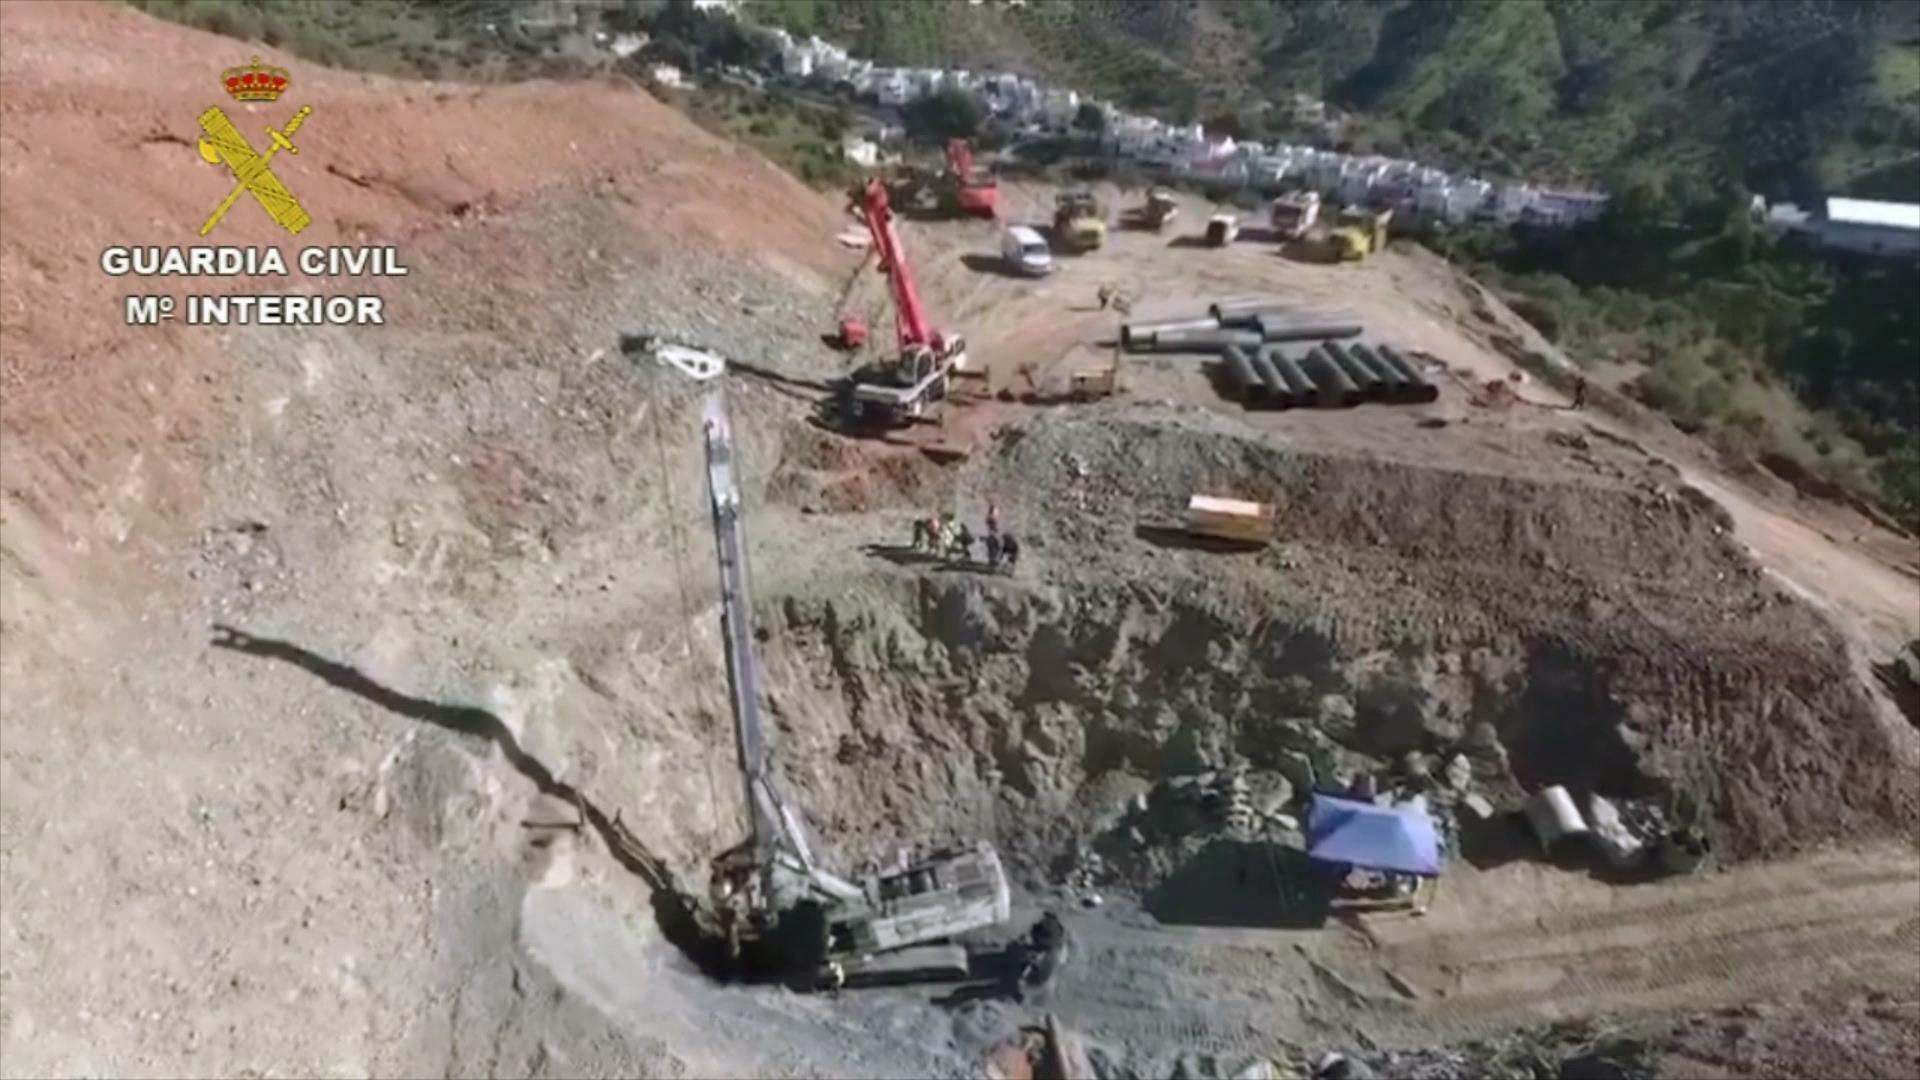 Spagna, bimbo caduto nel pozzo: Julen potrebbe essere vivo